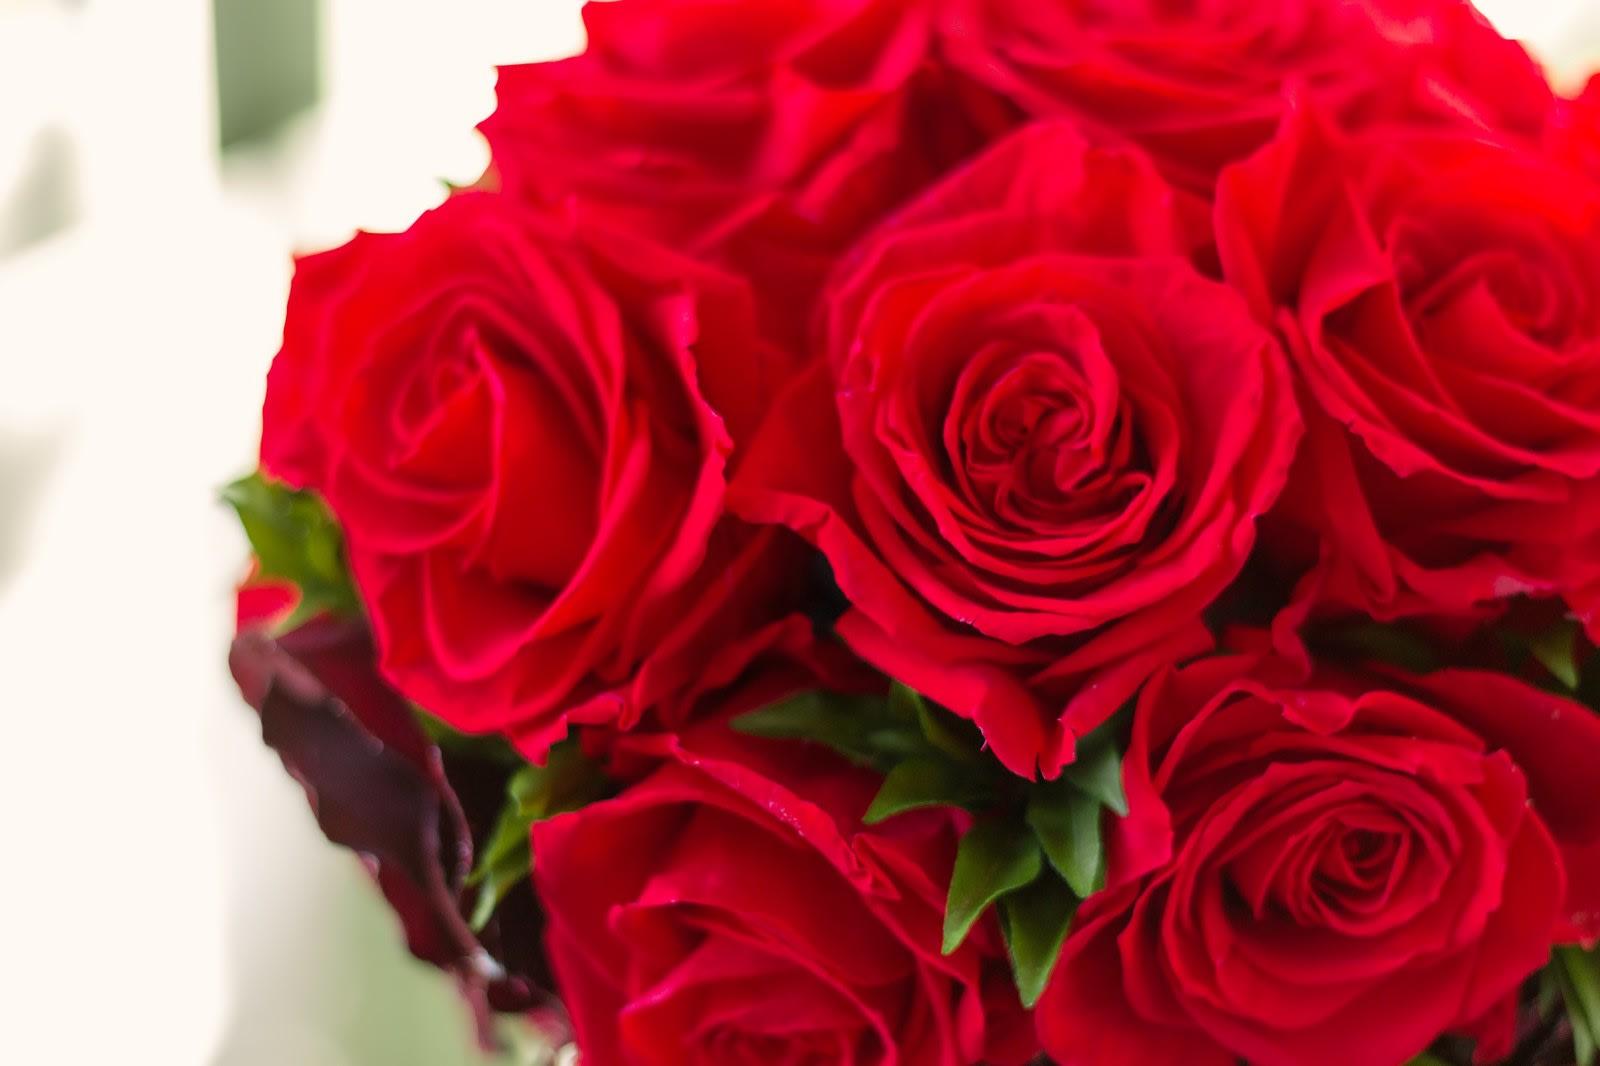 豊富なバラの種類をご紹介!あなたはどんなバラが好き?